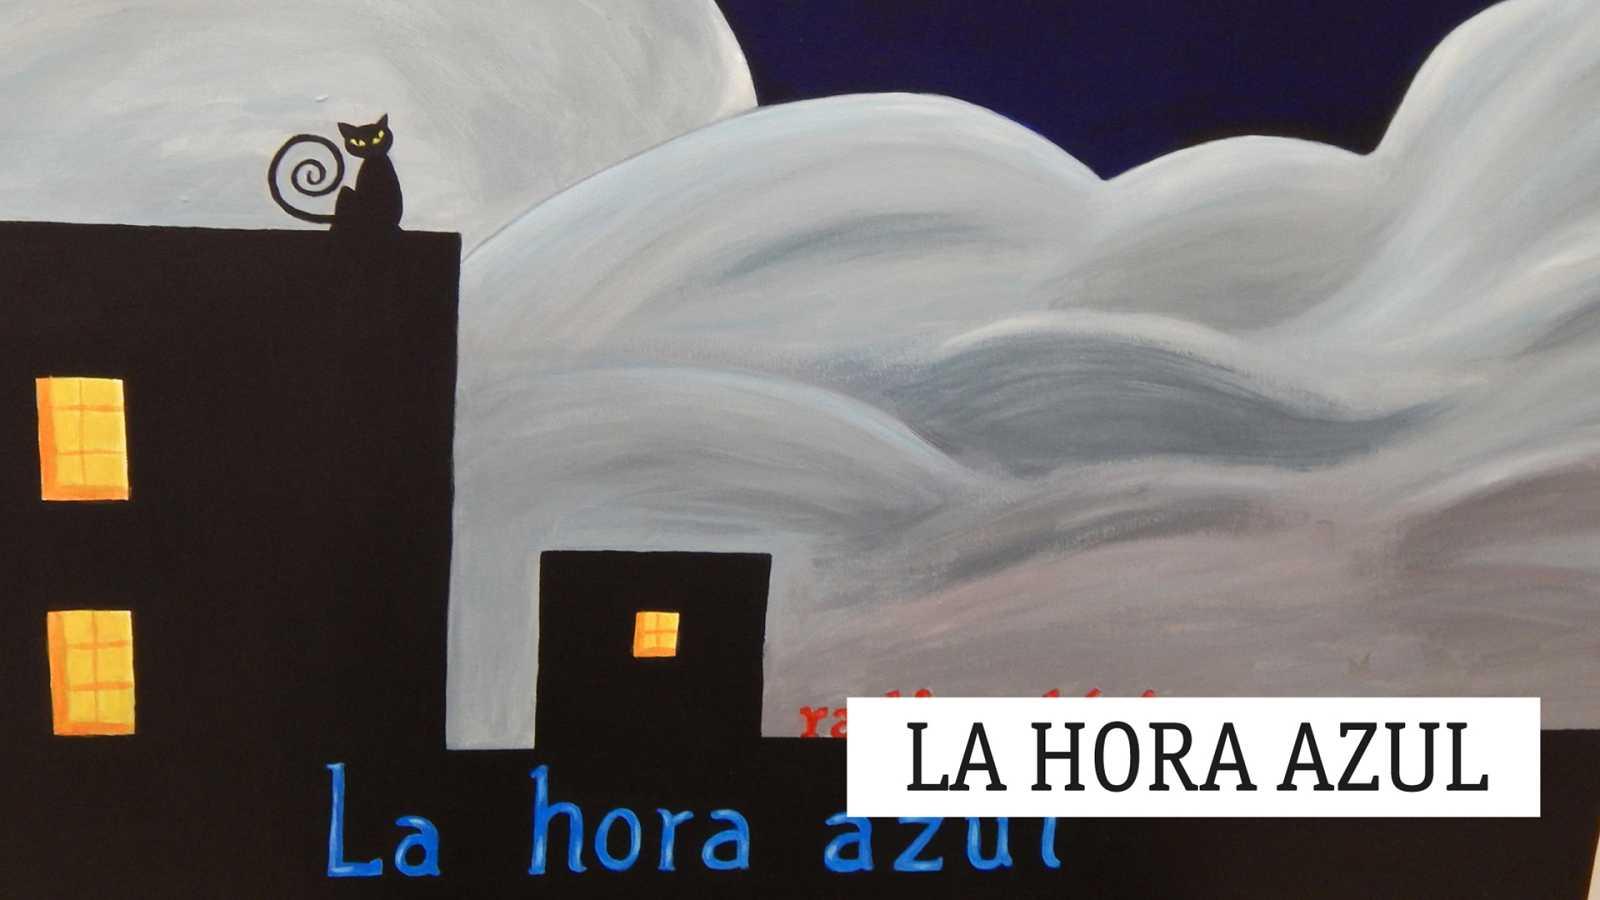 La hora azul - Actualidad, Patria - 23/10/20 - escuchar ahora